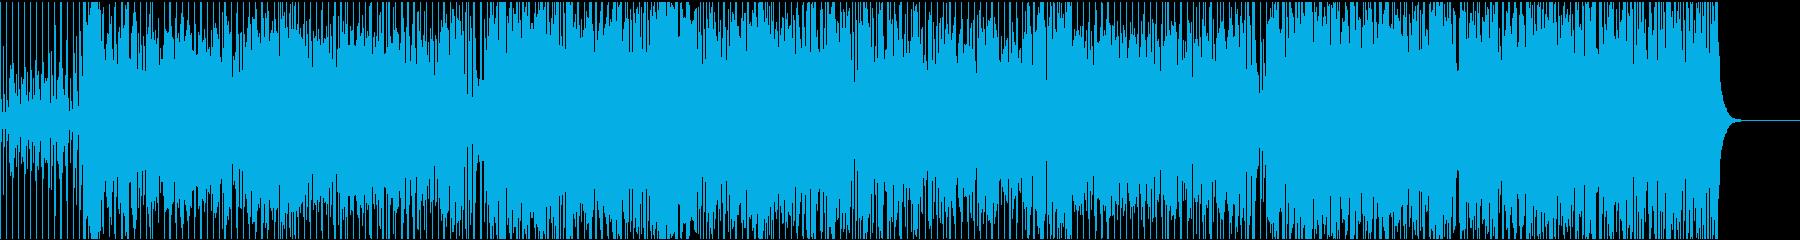 夏にピッタリ陽気なオルガンポップなサンバの再生済みの波形